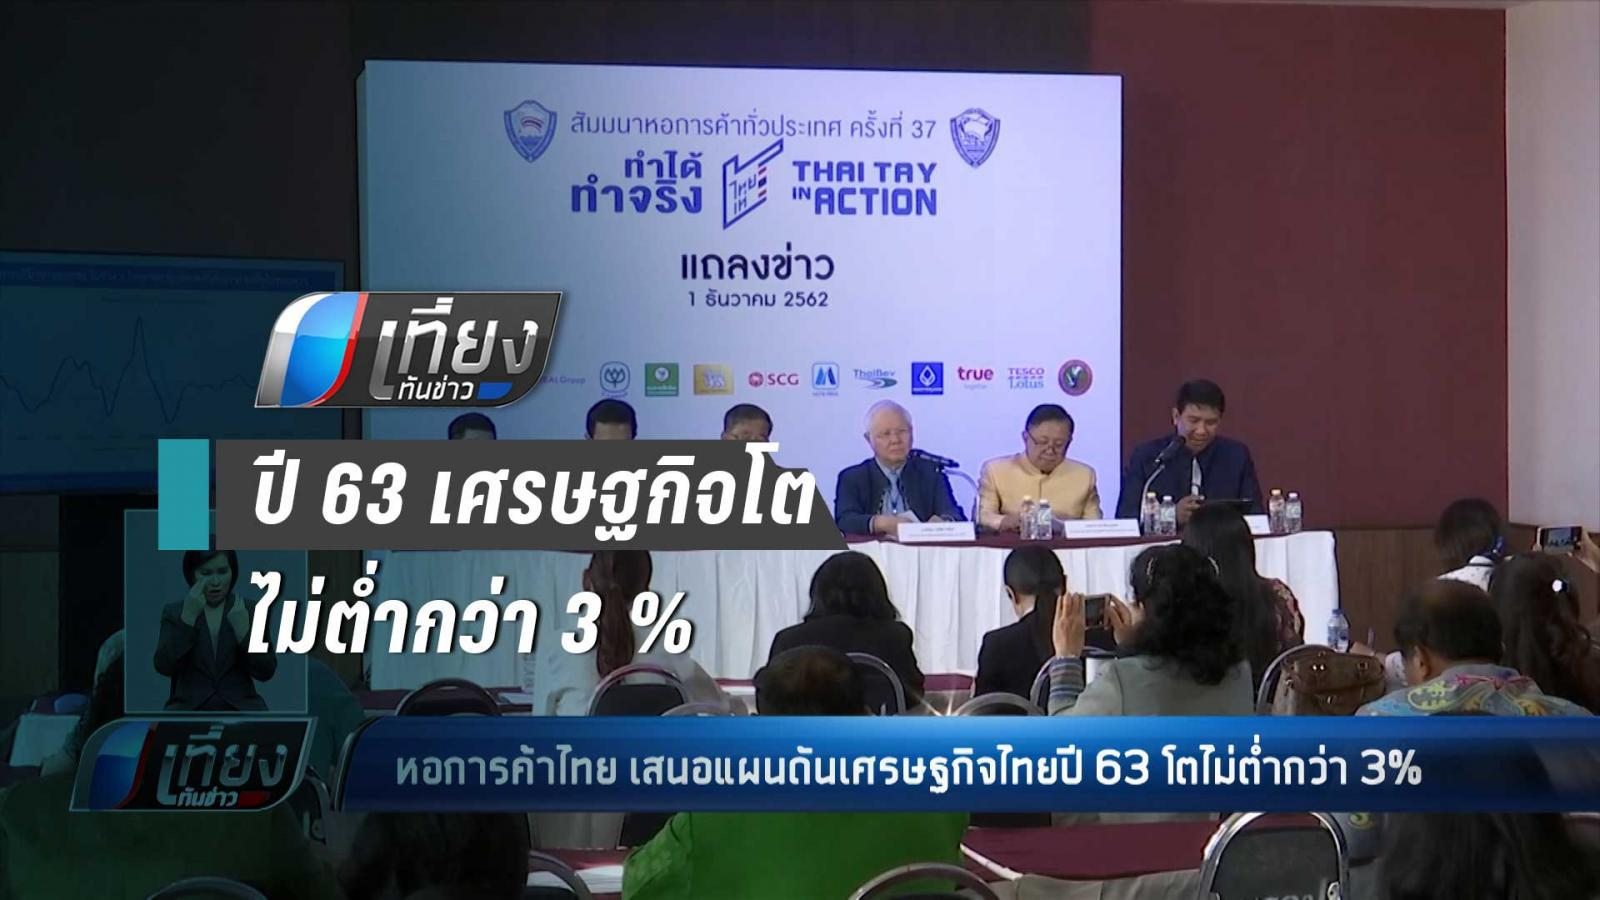 หอการค้าไทย เสนอแผนดันเศรษฐกิจไทยปี 63 โตไม่ต่ำกว่า 3 %